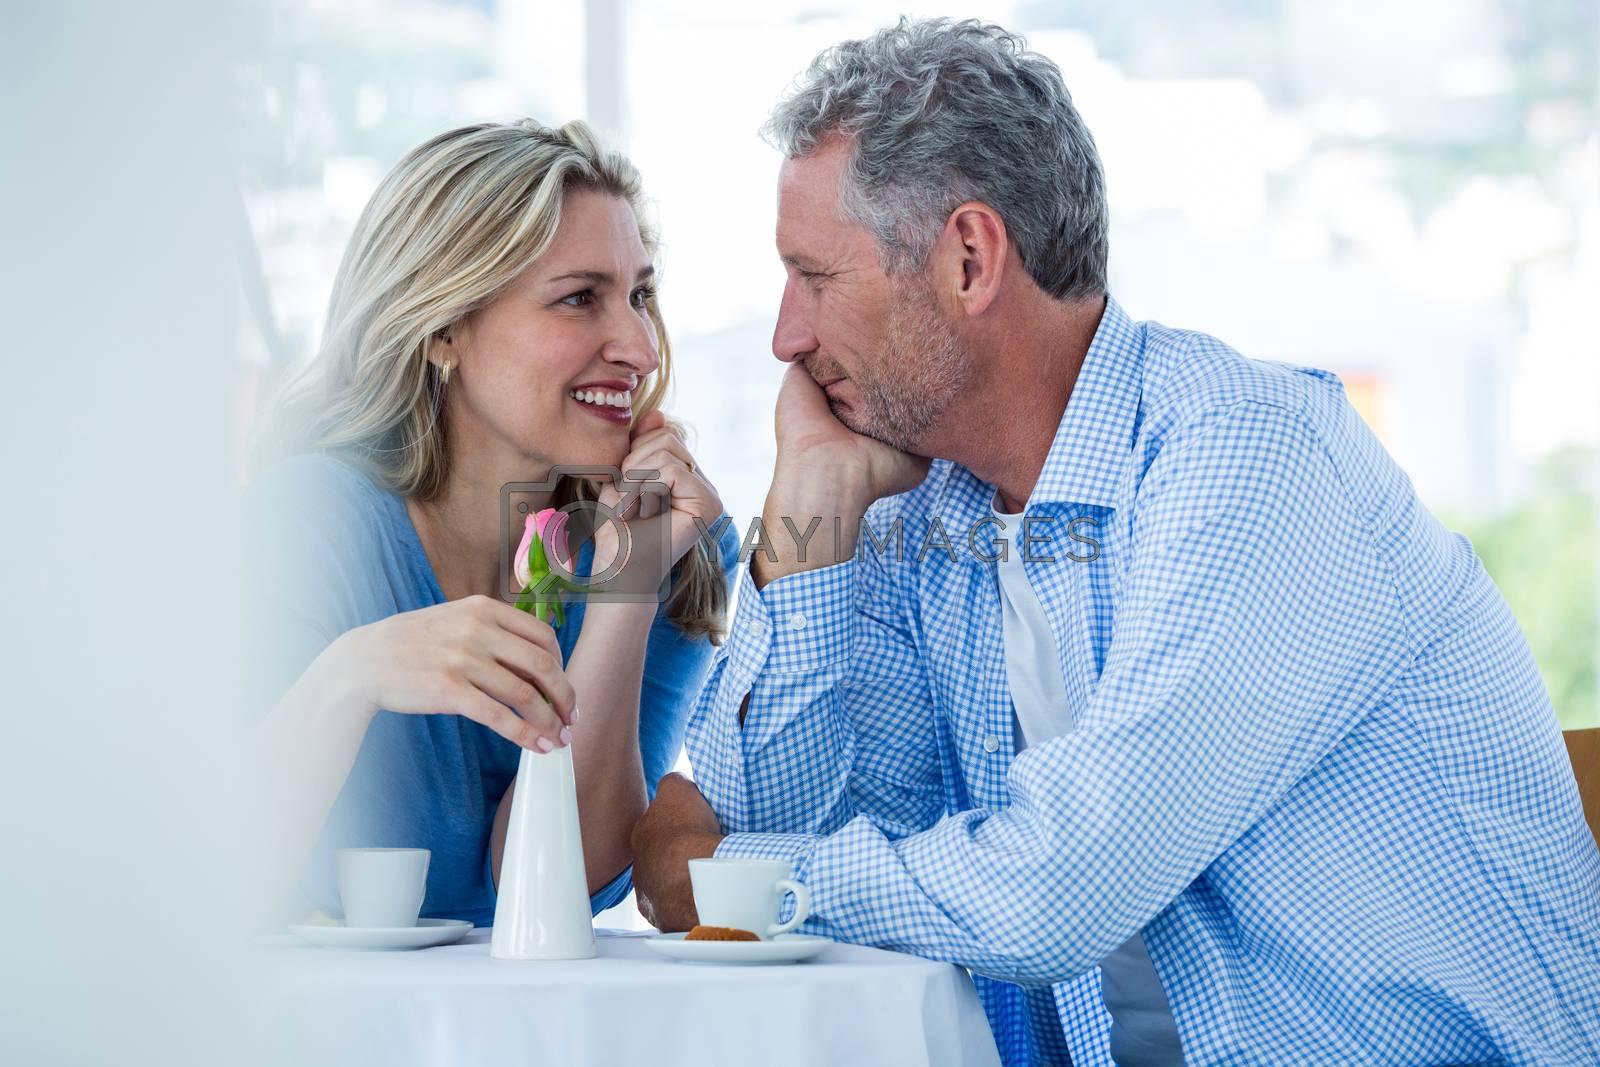 Happy romantic couple in restaurant